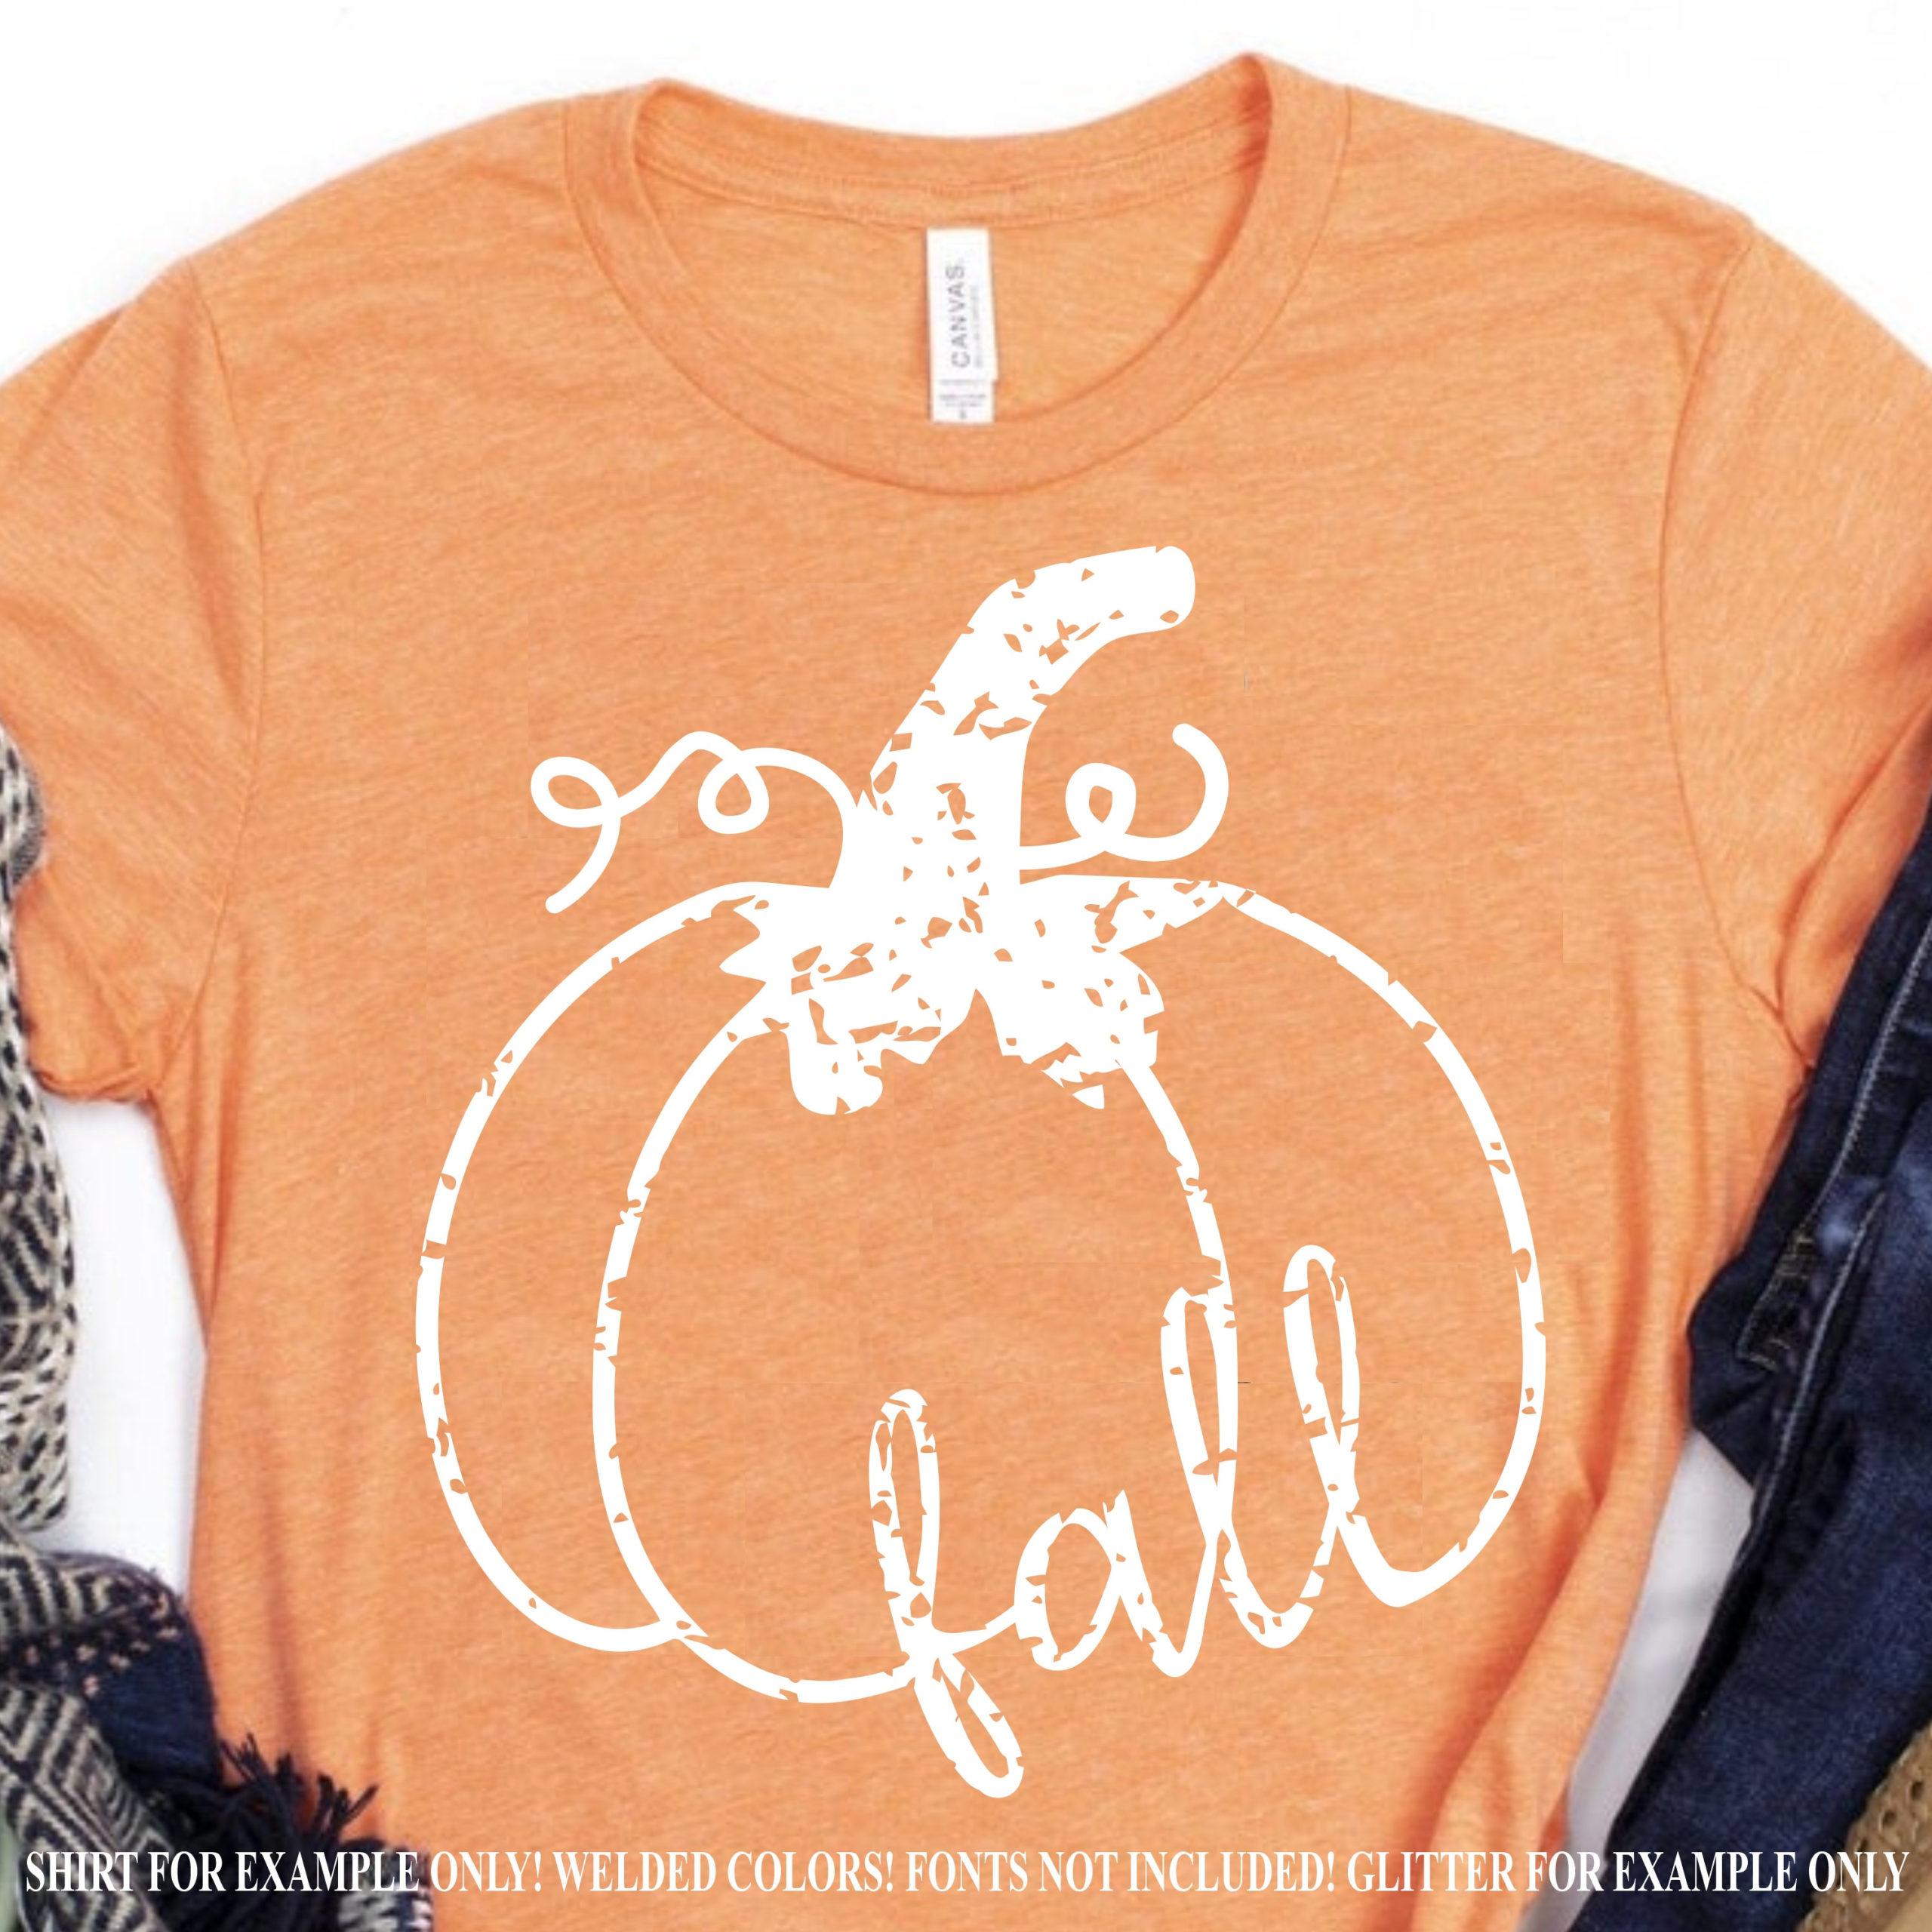 Fall-pumpkin-svg-fall-svg-pumpkin-svg-svg-fall-sayings-tshirt-svgpumpkin-svg-for-cricut-thanksgiving-svg-digital-download-dxf-eps-5f6f724c